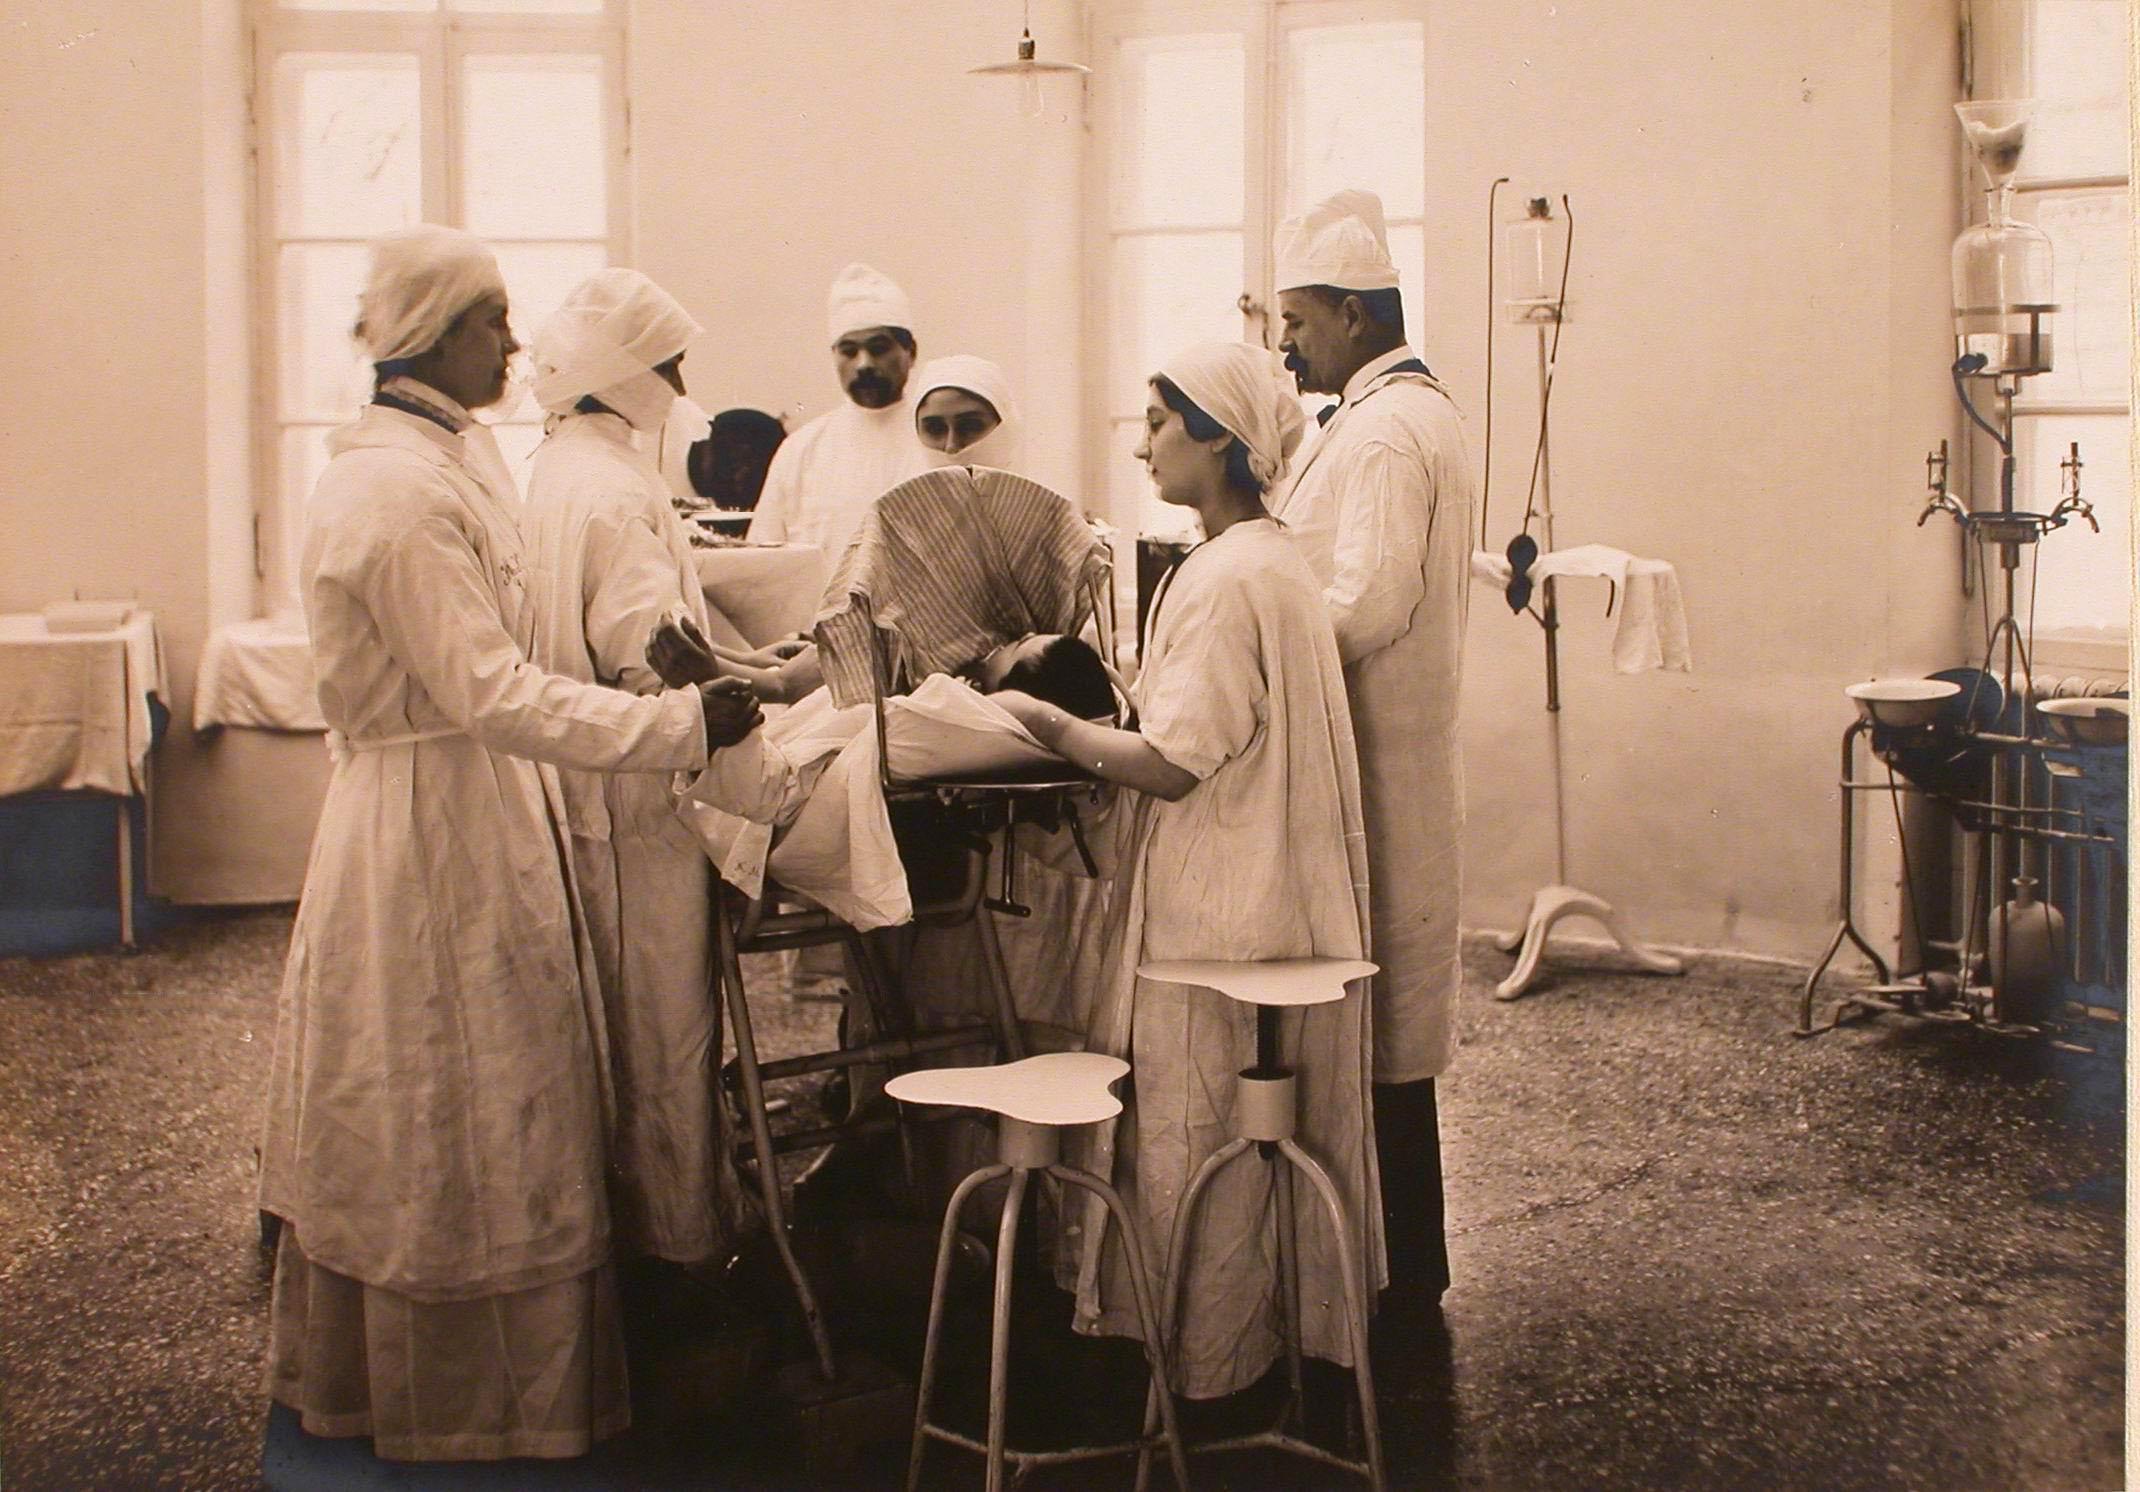 04. Сестры и врачи готовят больного к операции (хлороформирование) в операционной госпиталя